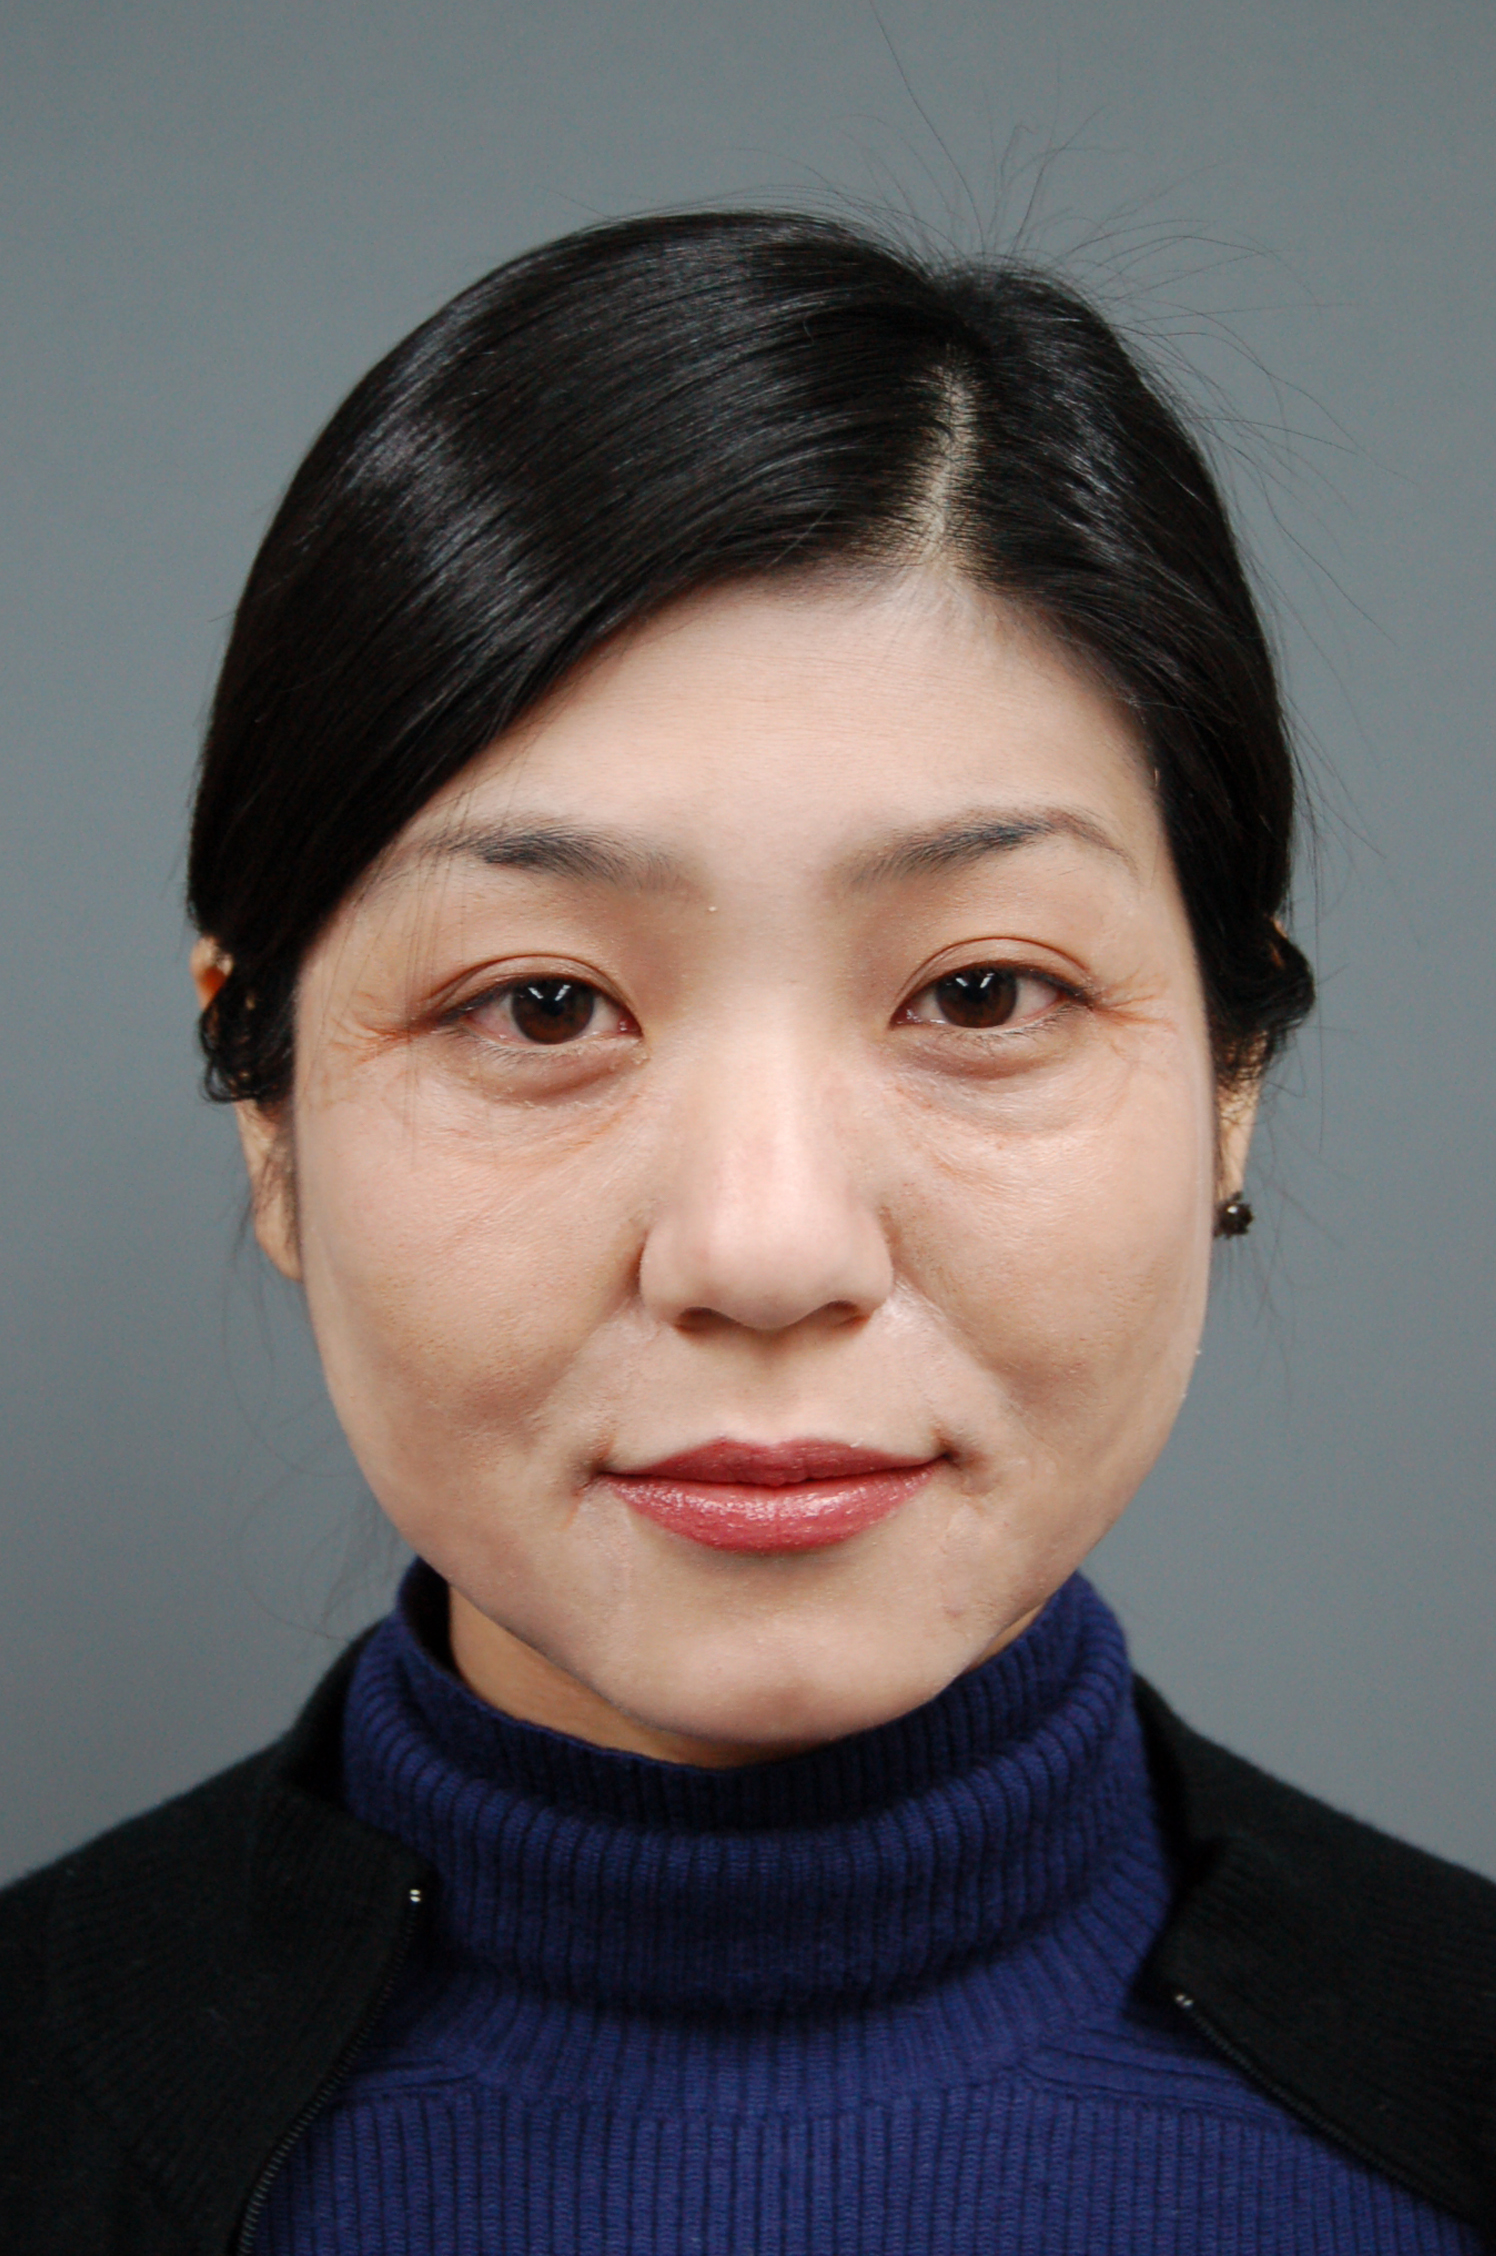 特殊メイク・特殊造形・特殊カツラの株式会社エム・イー・ユー